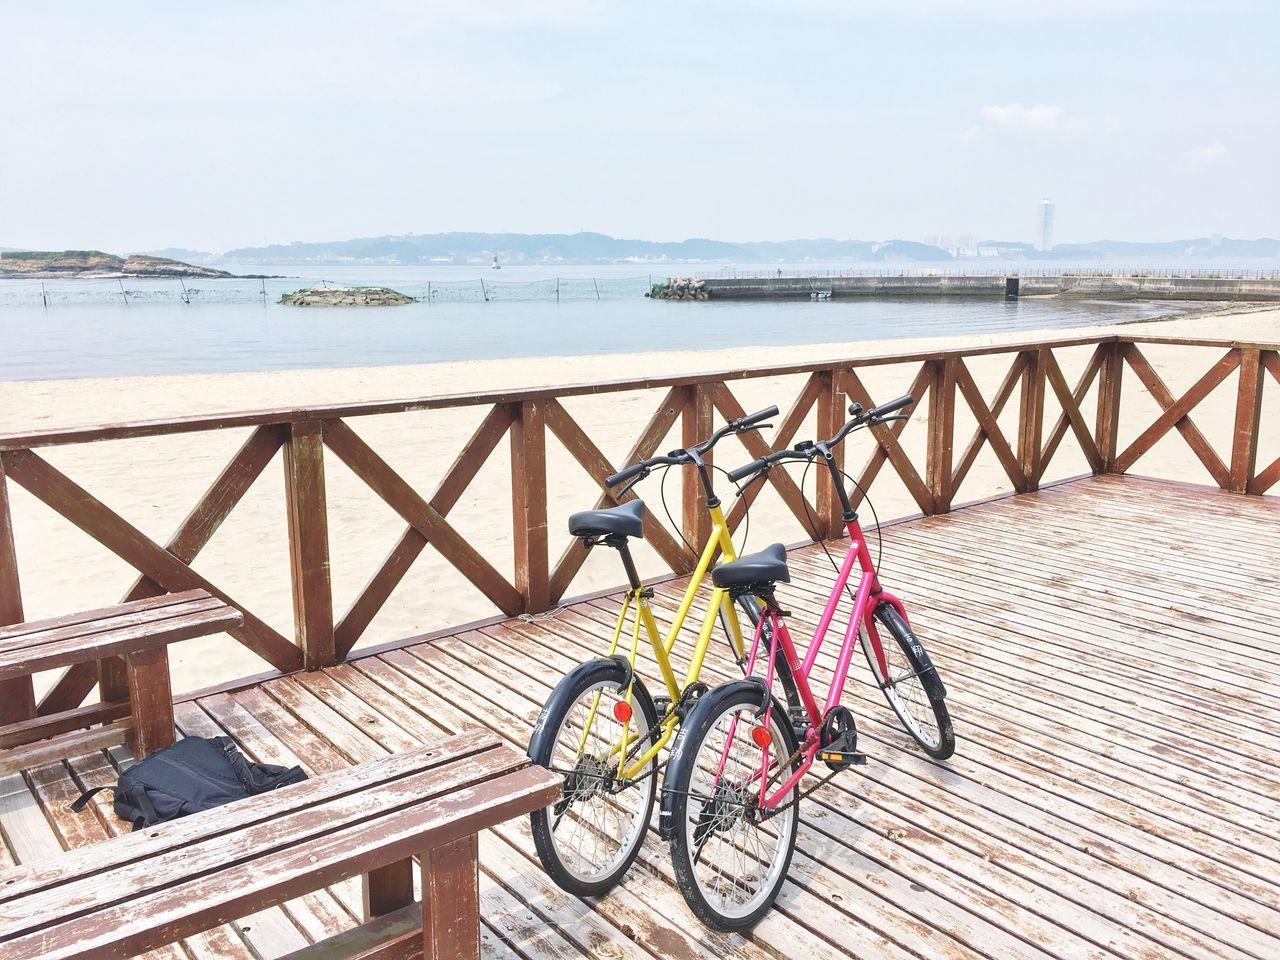 日間賀島 Bicycle Day Sea Transportation Water Outdoors Mode Of Transport No People Bicycle Rack Beach Horizon Over Water Sky Nature